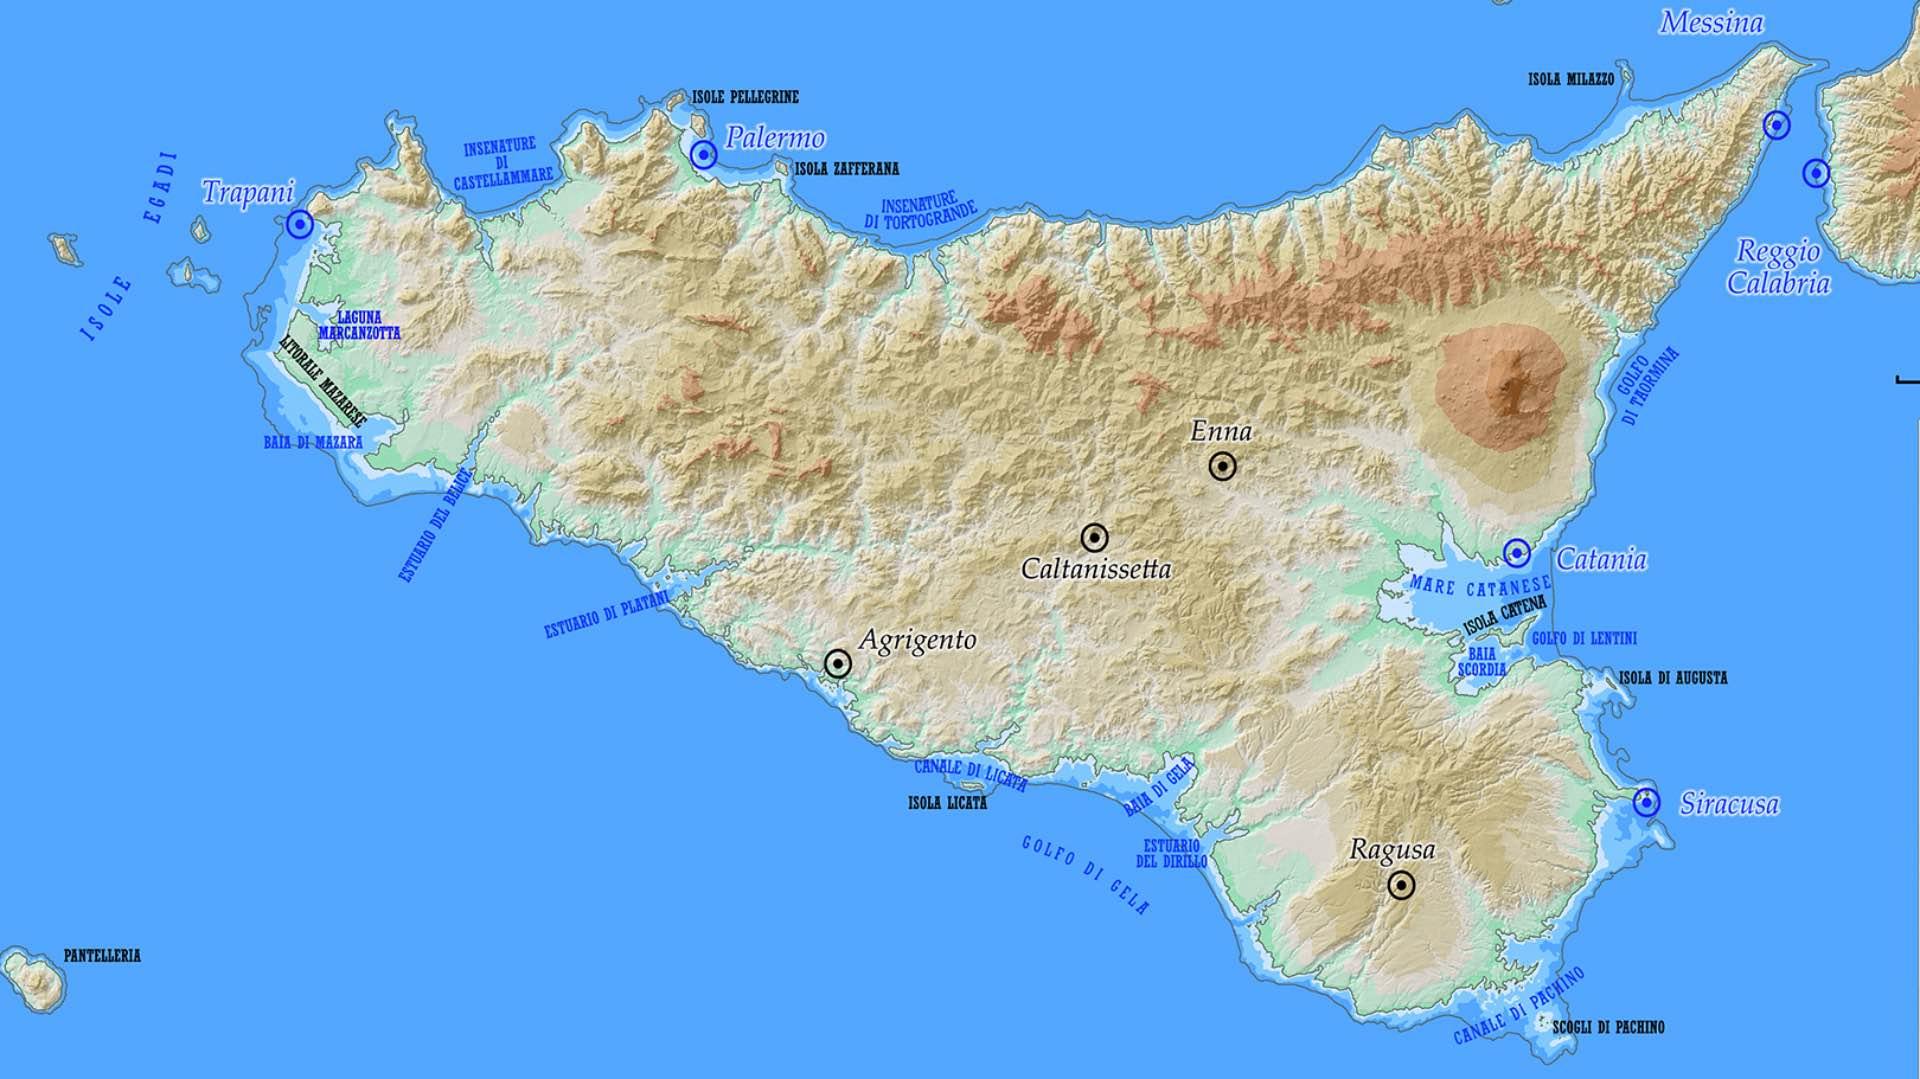 Cartina Sicilia Termini Imerese.Citta Sommerse E Abitanti Sottoterra Ecco Come Sara La Sicilia Nel 2786 Le Vie Dei Tesori News